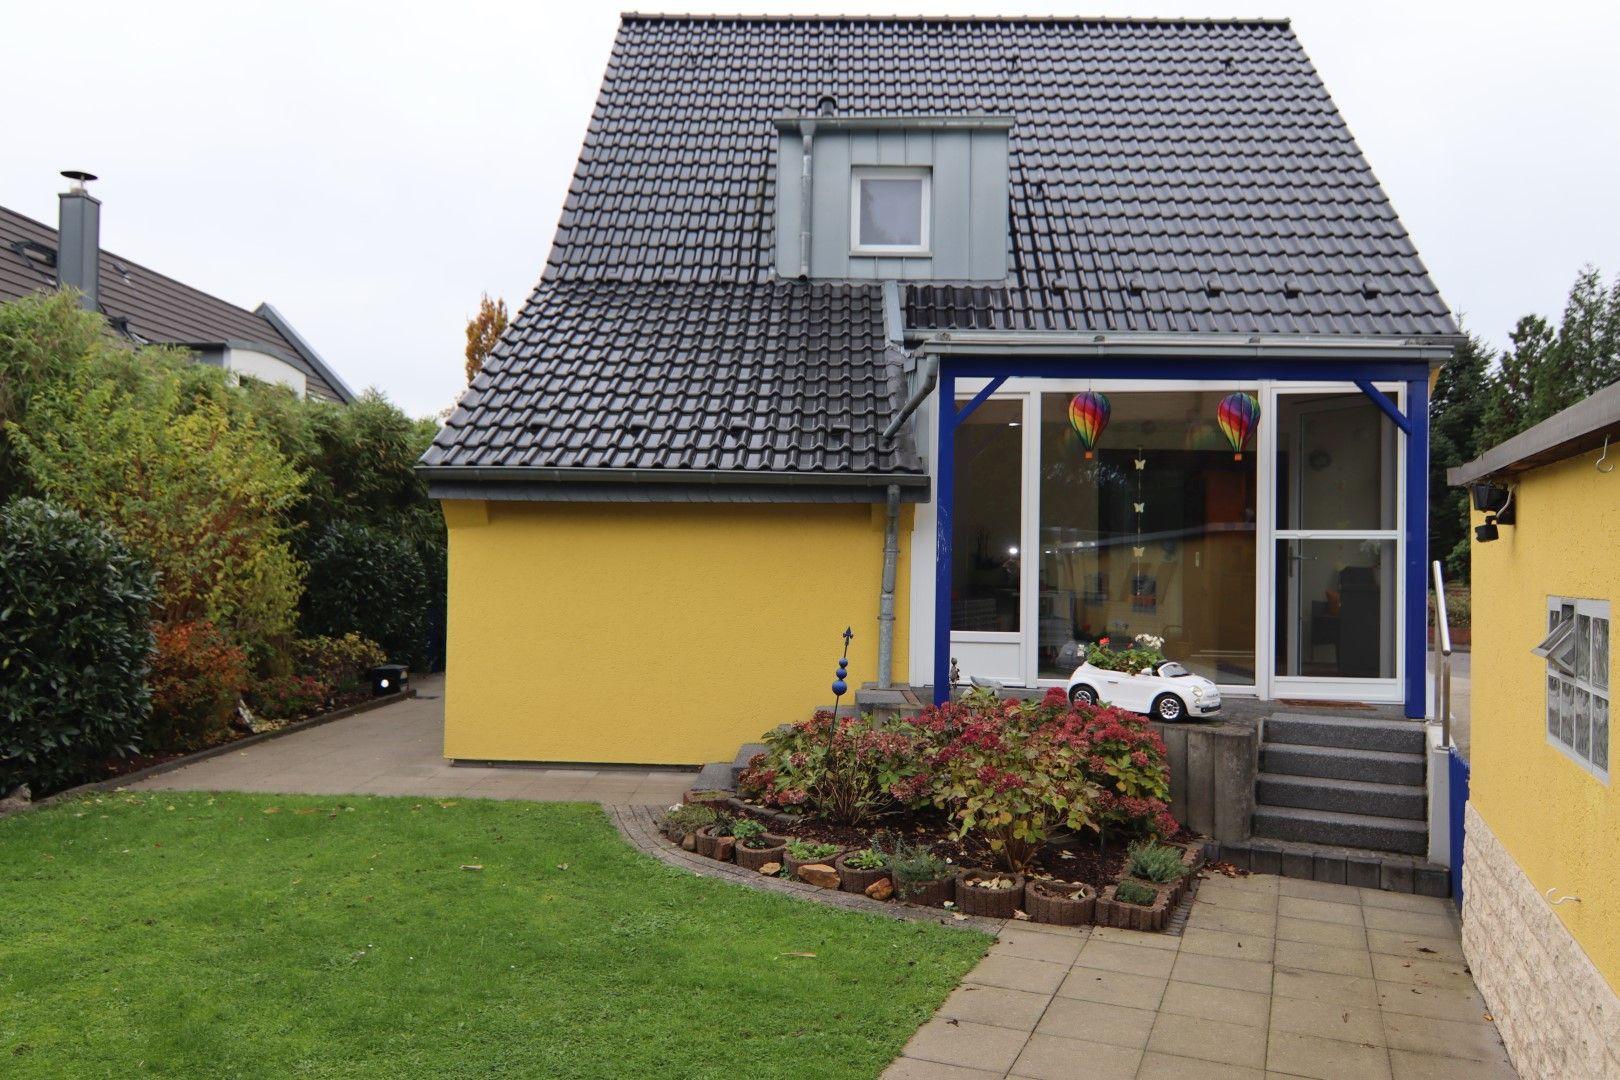 Immobilie Nr.0281 - Freistehendes EFH mit Vollkeller, Wintergarten u. Garage  - Bild 3.jpg